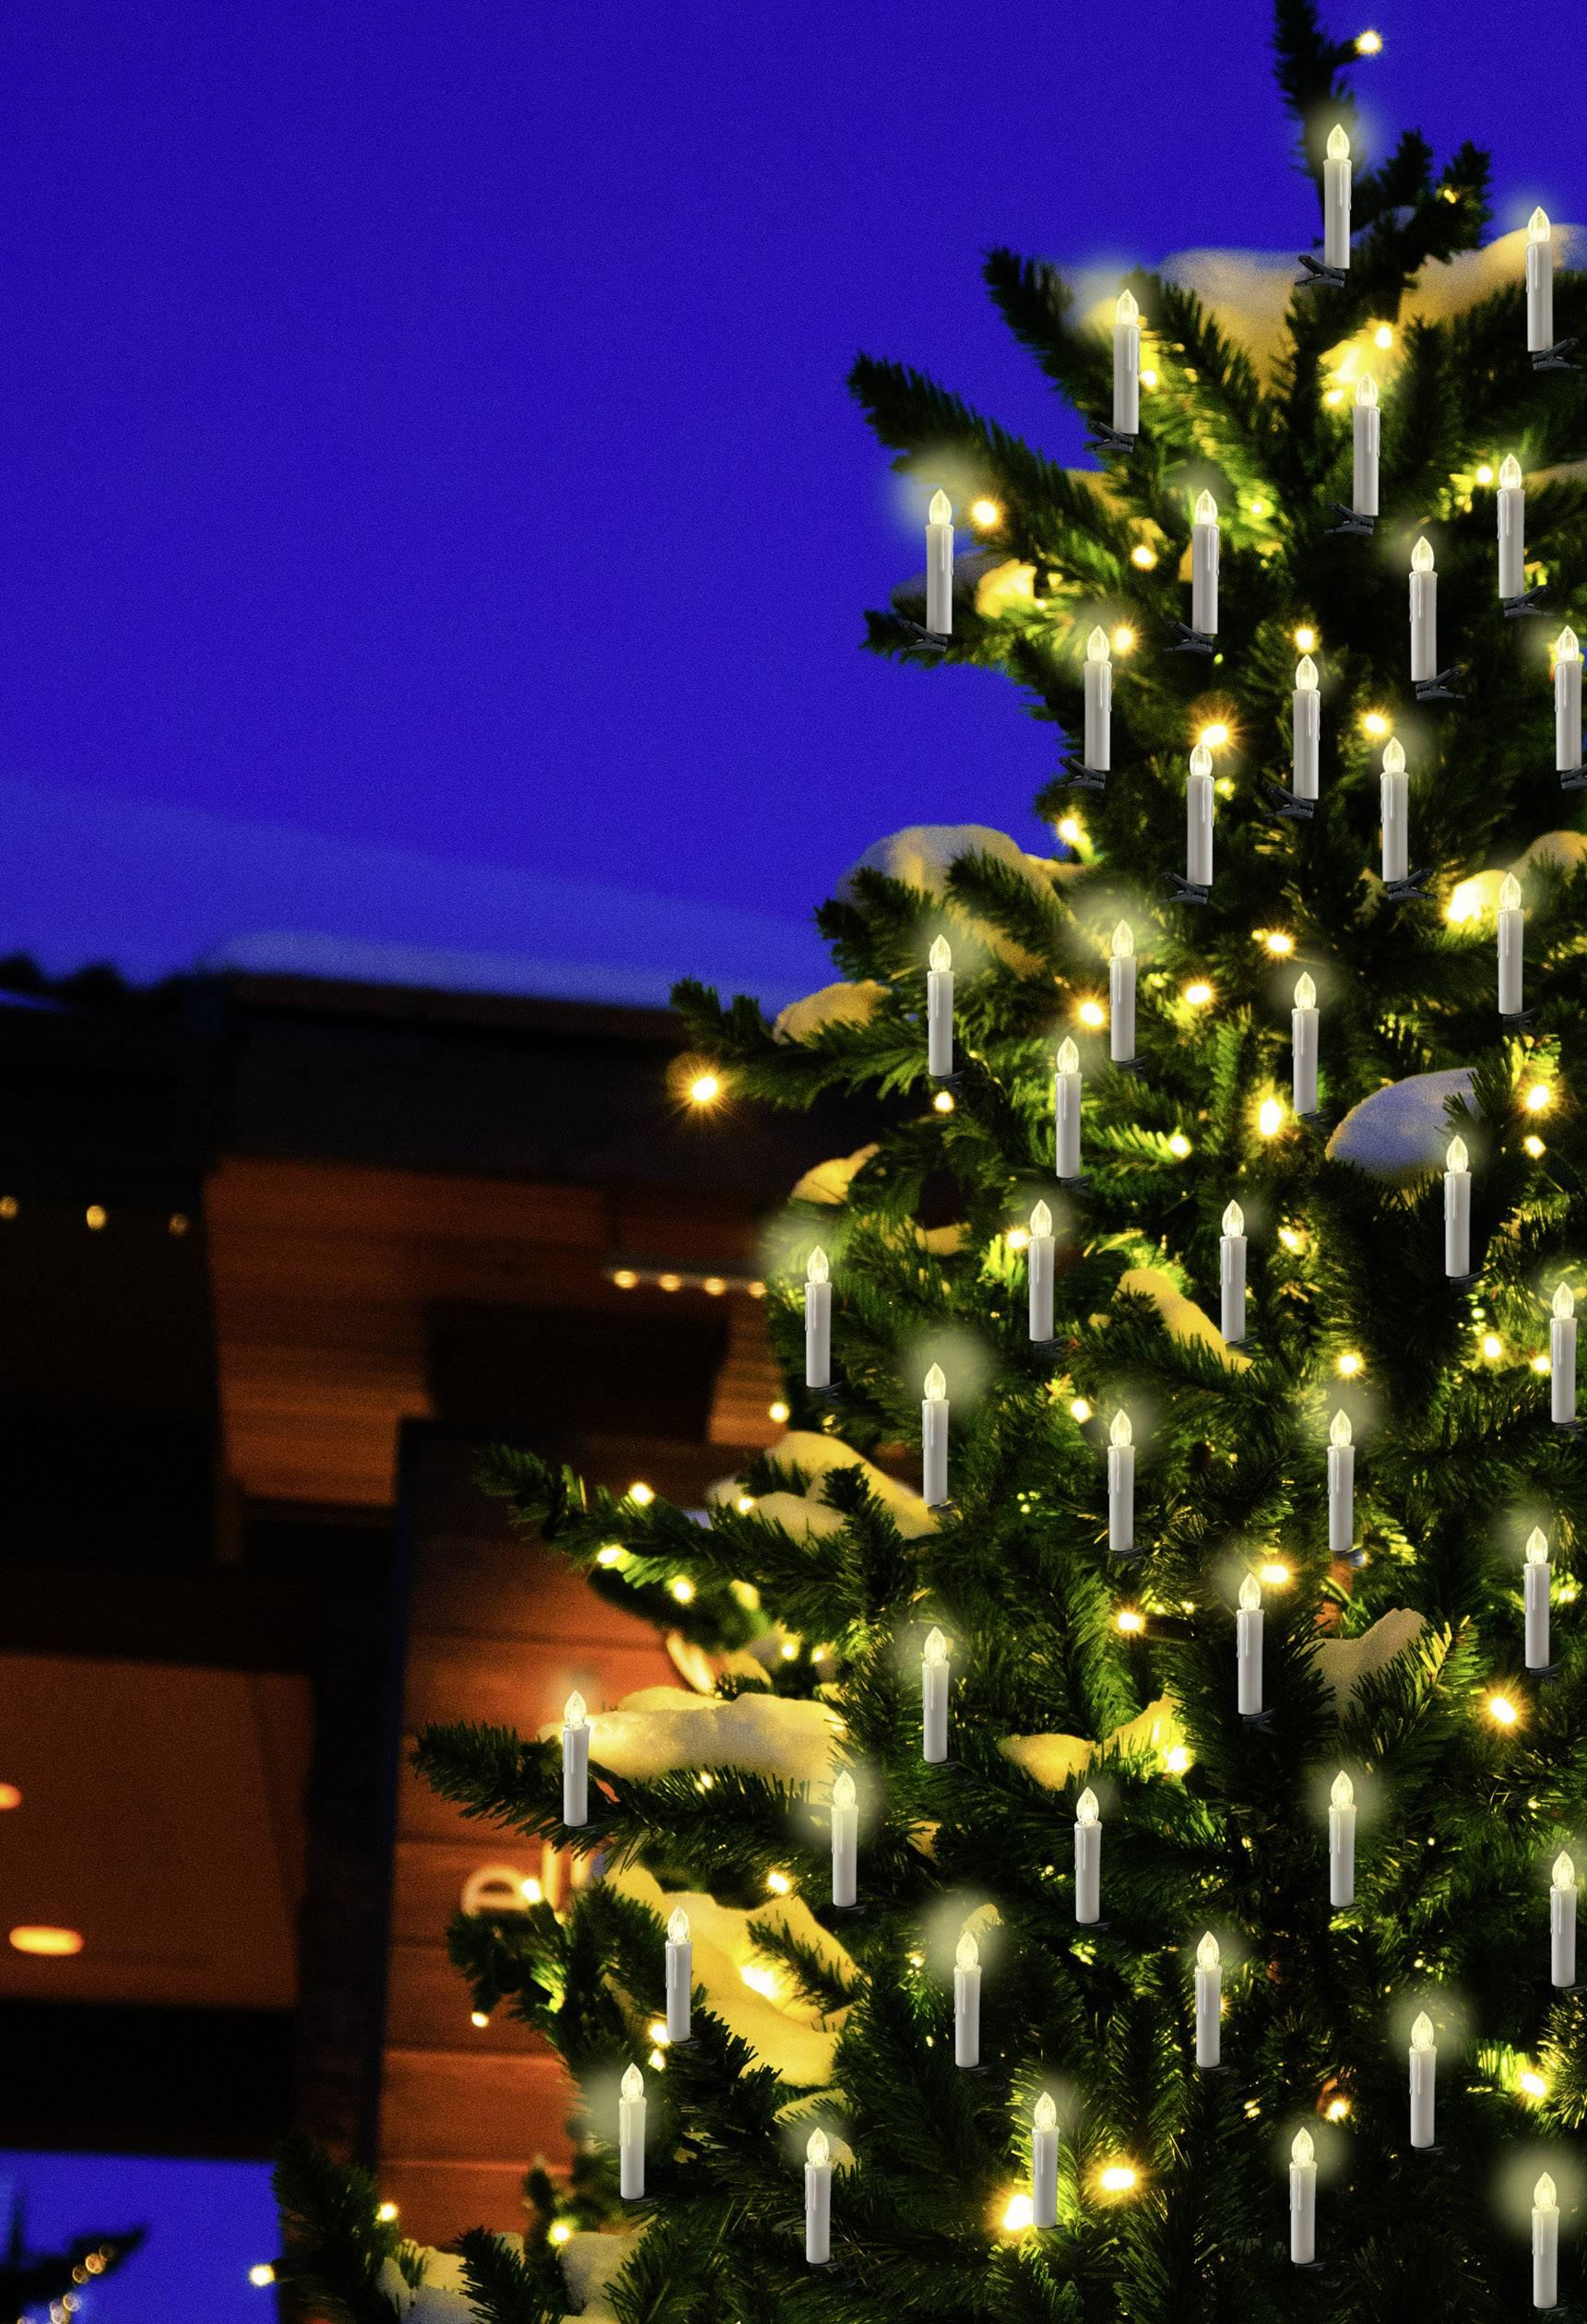 Lichterkette Weihnachtsbaum Außen.Polarlite Funk Weihnachtsbaum Beleuchtung Außen Batteriebetrieben 20 St Led Warm Weiß